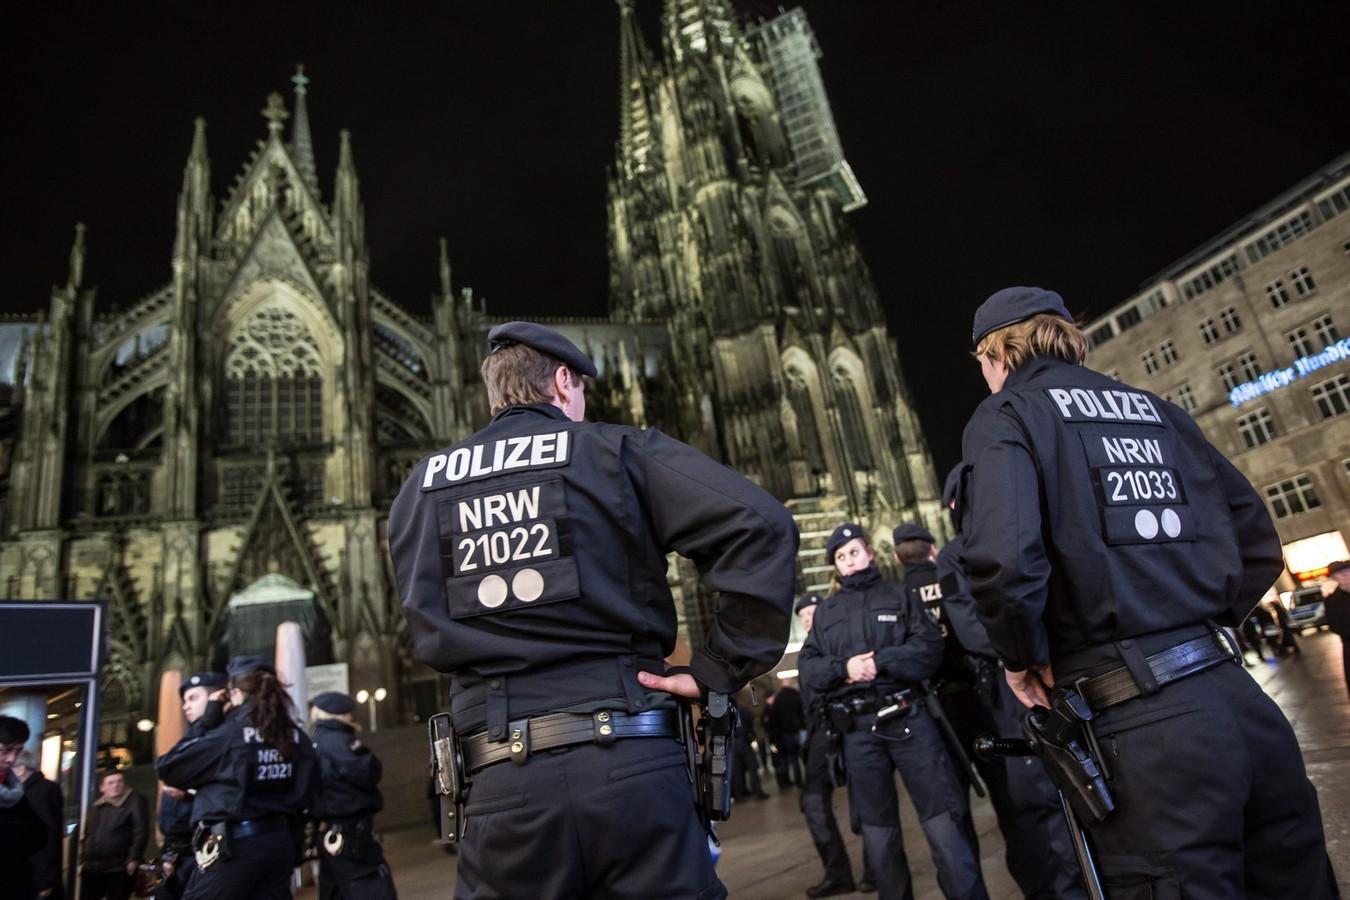 Politie in Keulen